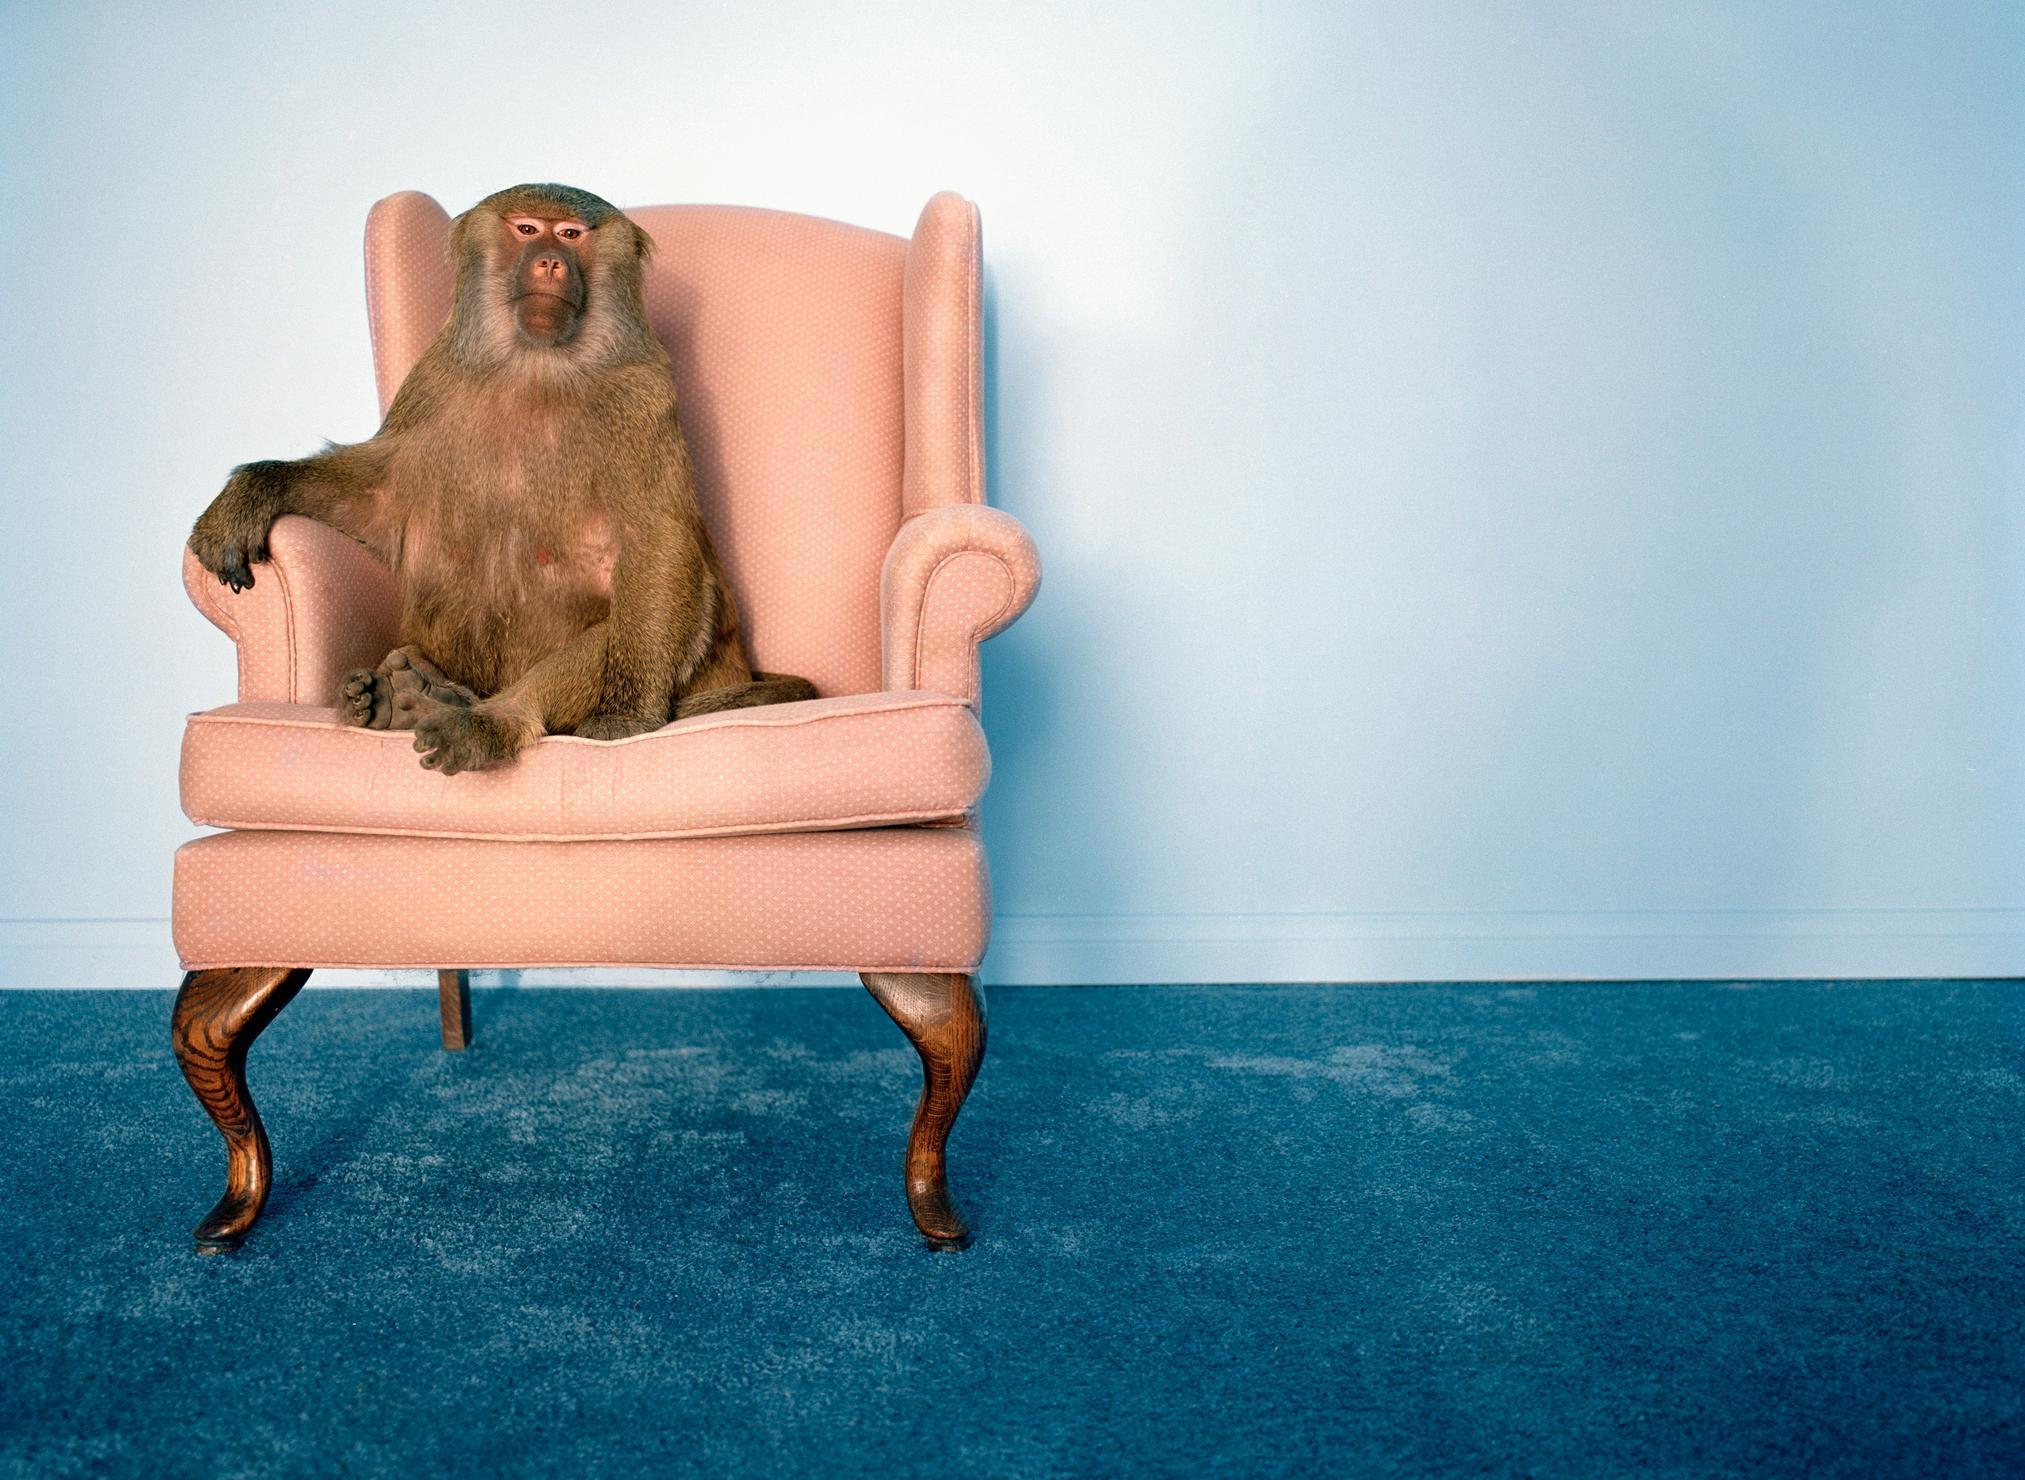 Всё ещё хотите сфотографироваться с обезьянкой? Фото © Getty Images